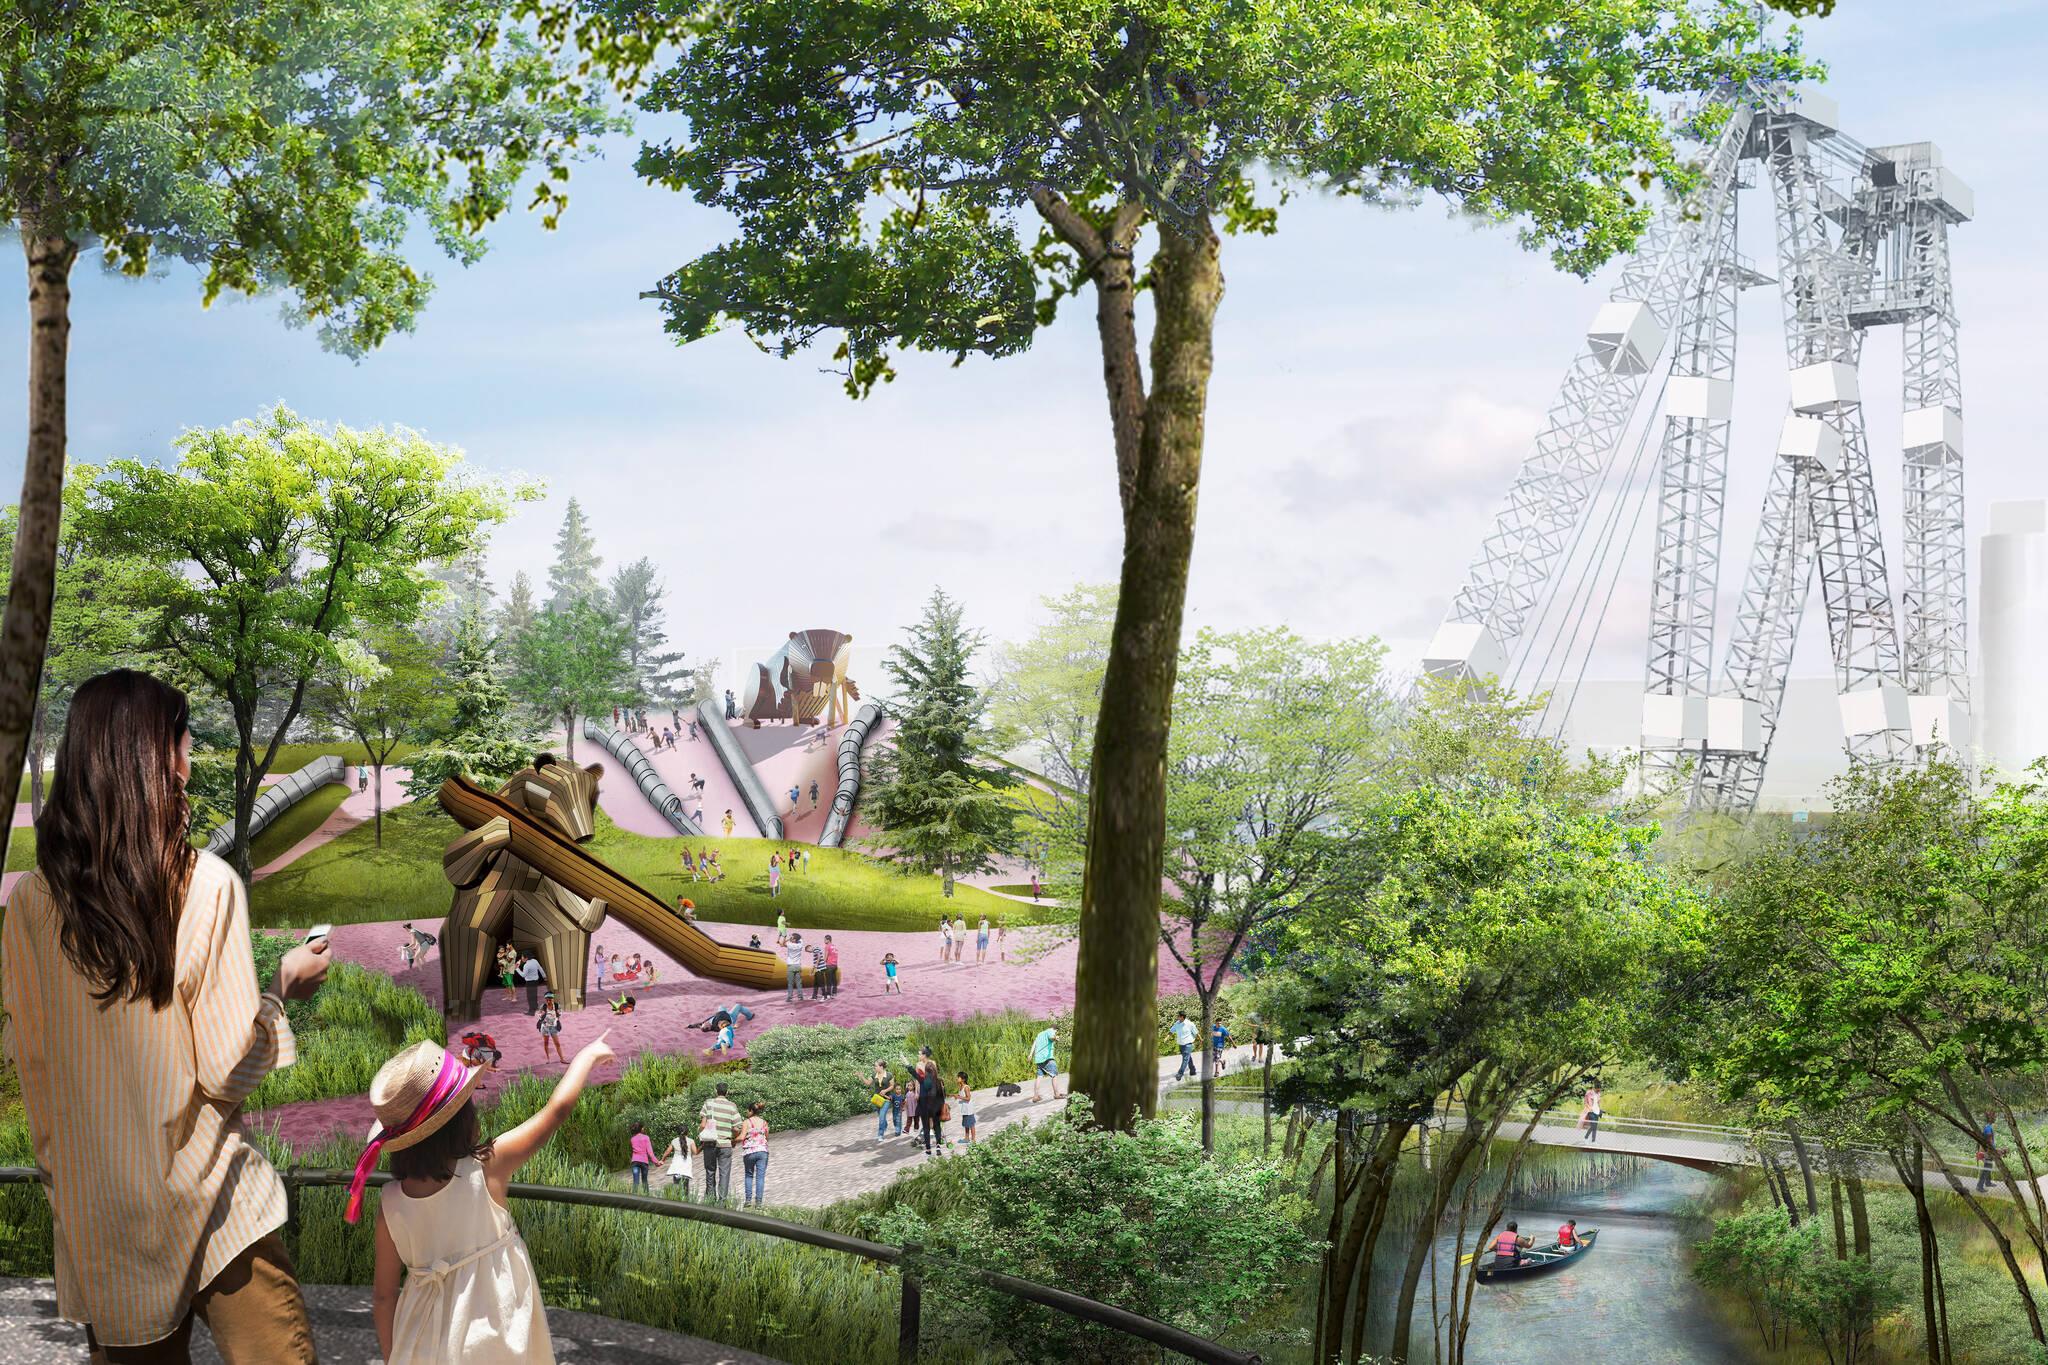 Port Lands project